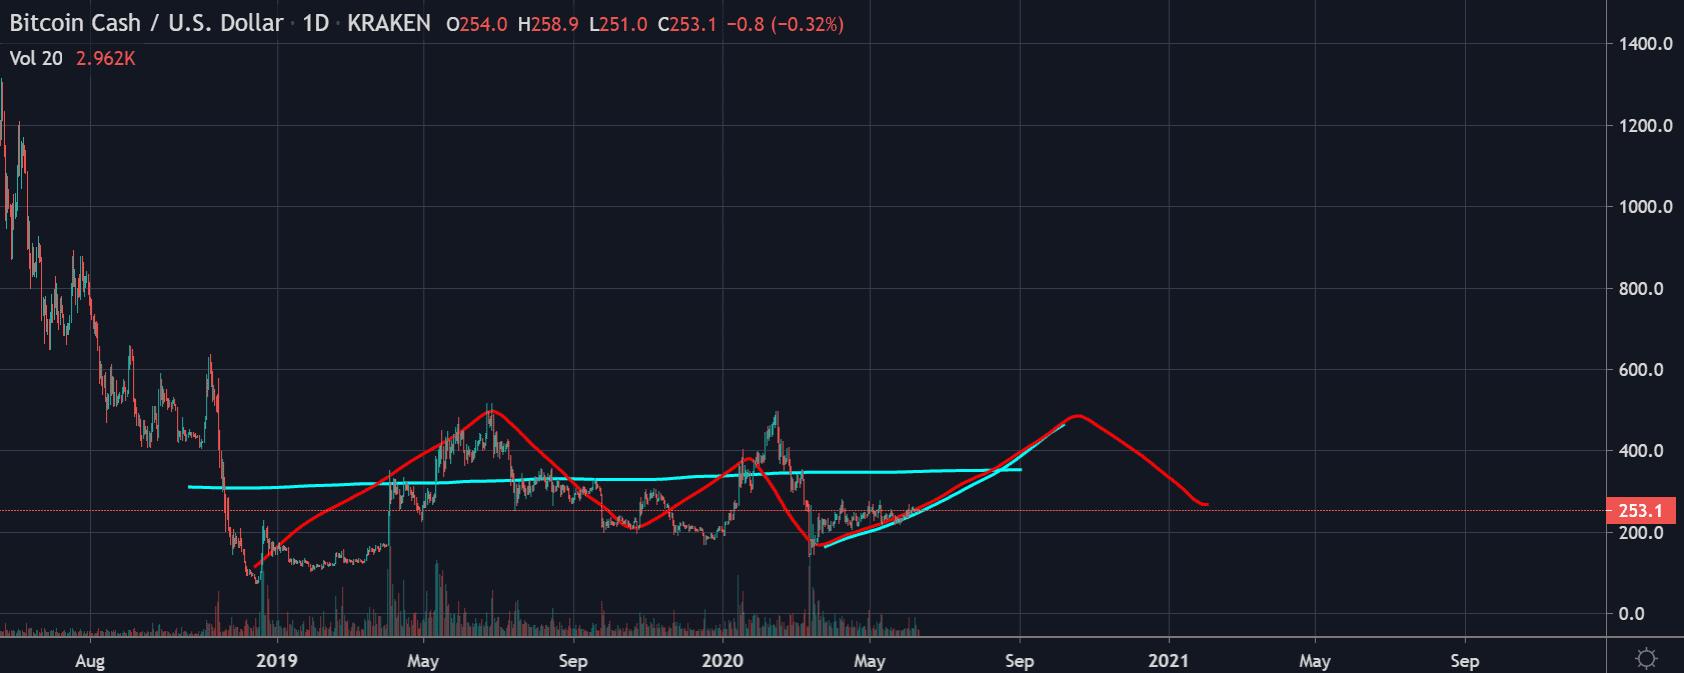 Bitcoin Cash price chart 3 - Jun10